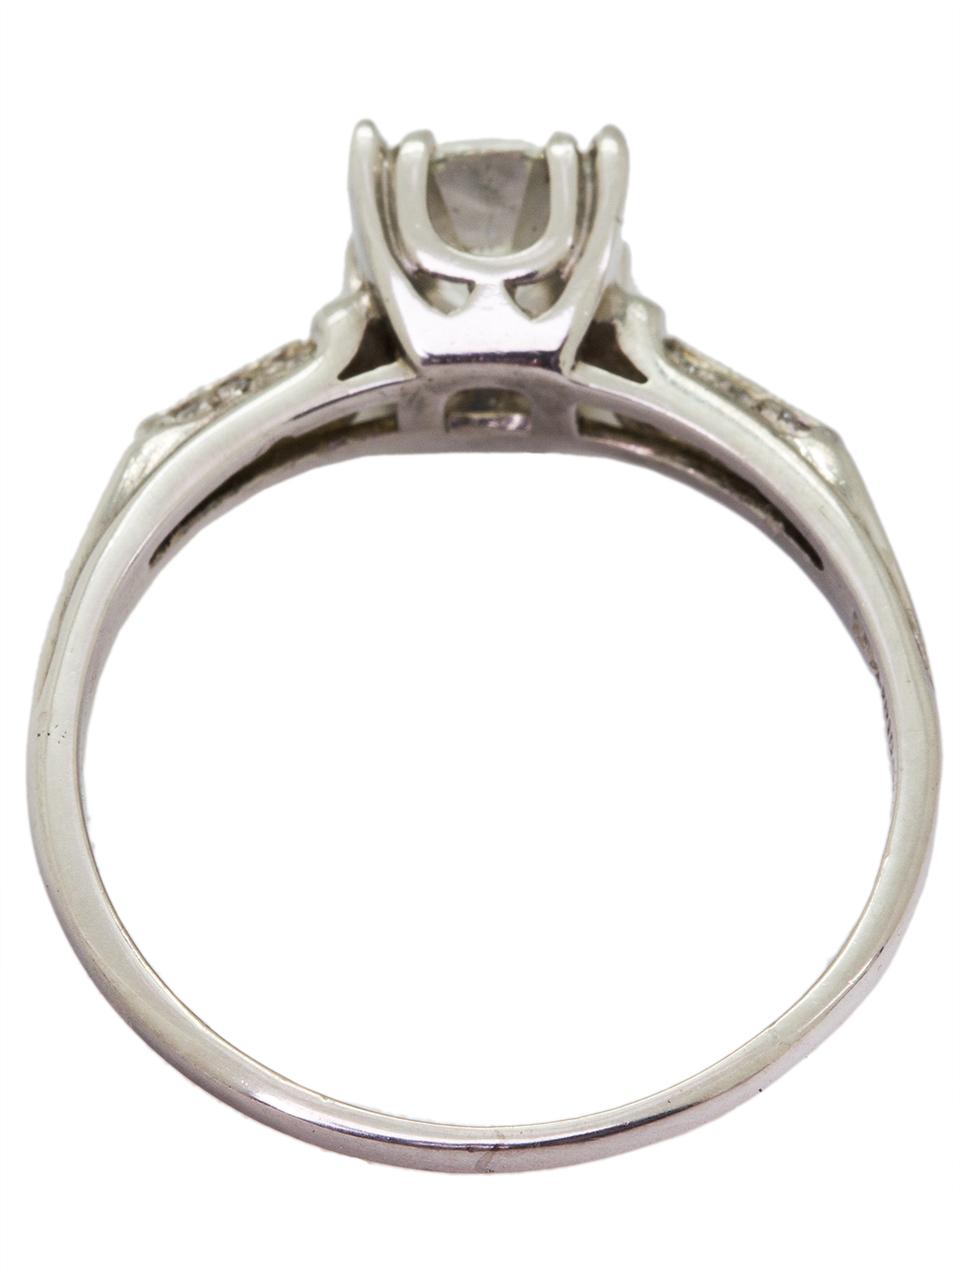 Vintage Engagement Ring Platinum 0.91ct Round Brilliant G-VS1, circa 1940s